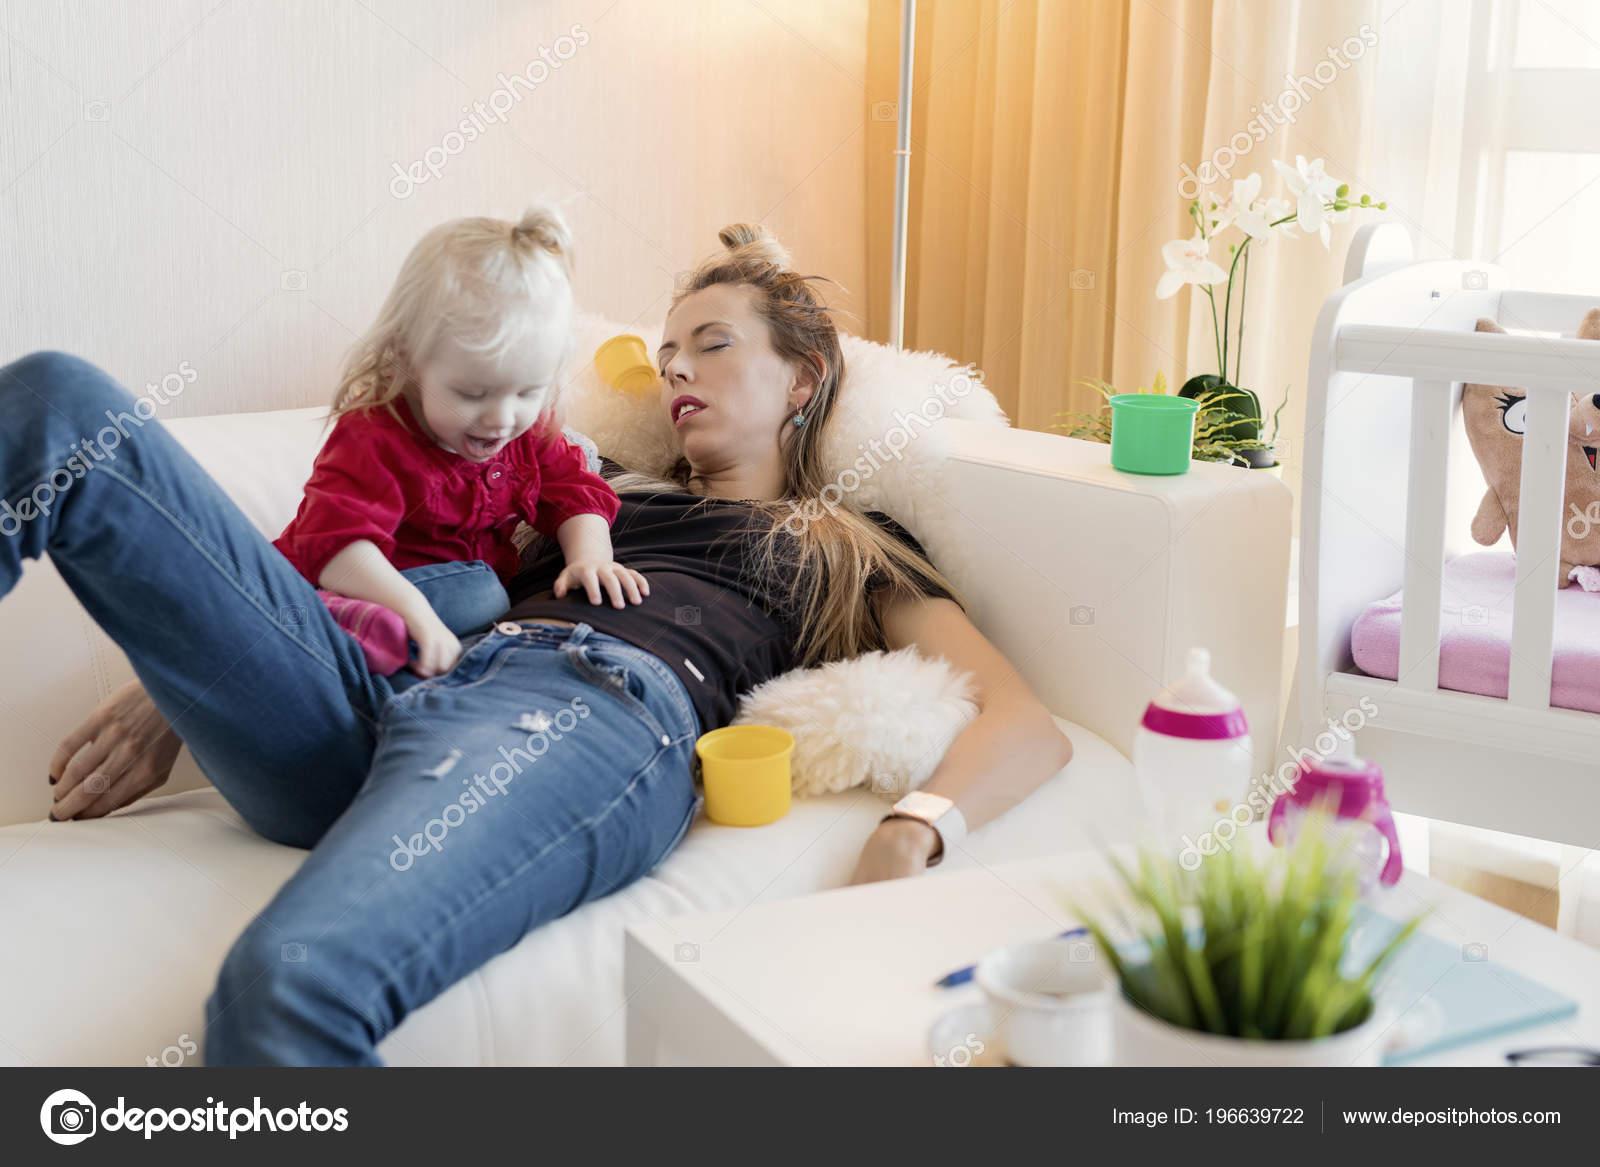 Сын трахнул спящую мать в рот, Похотливый сын поимел спящую маму в рот и пизду 20 фотография